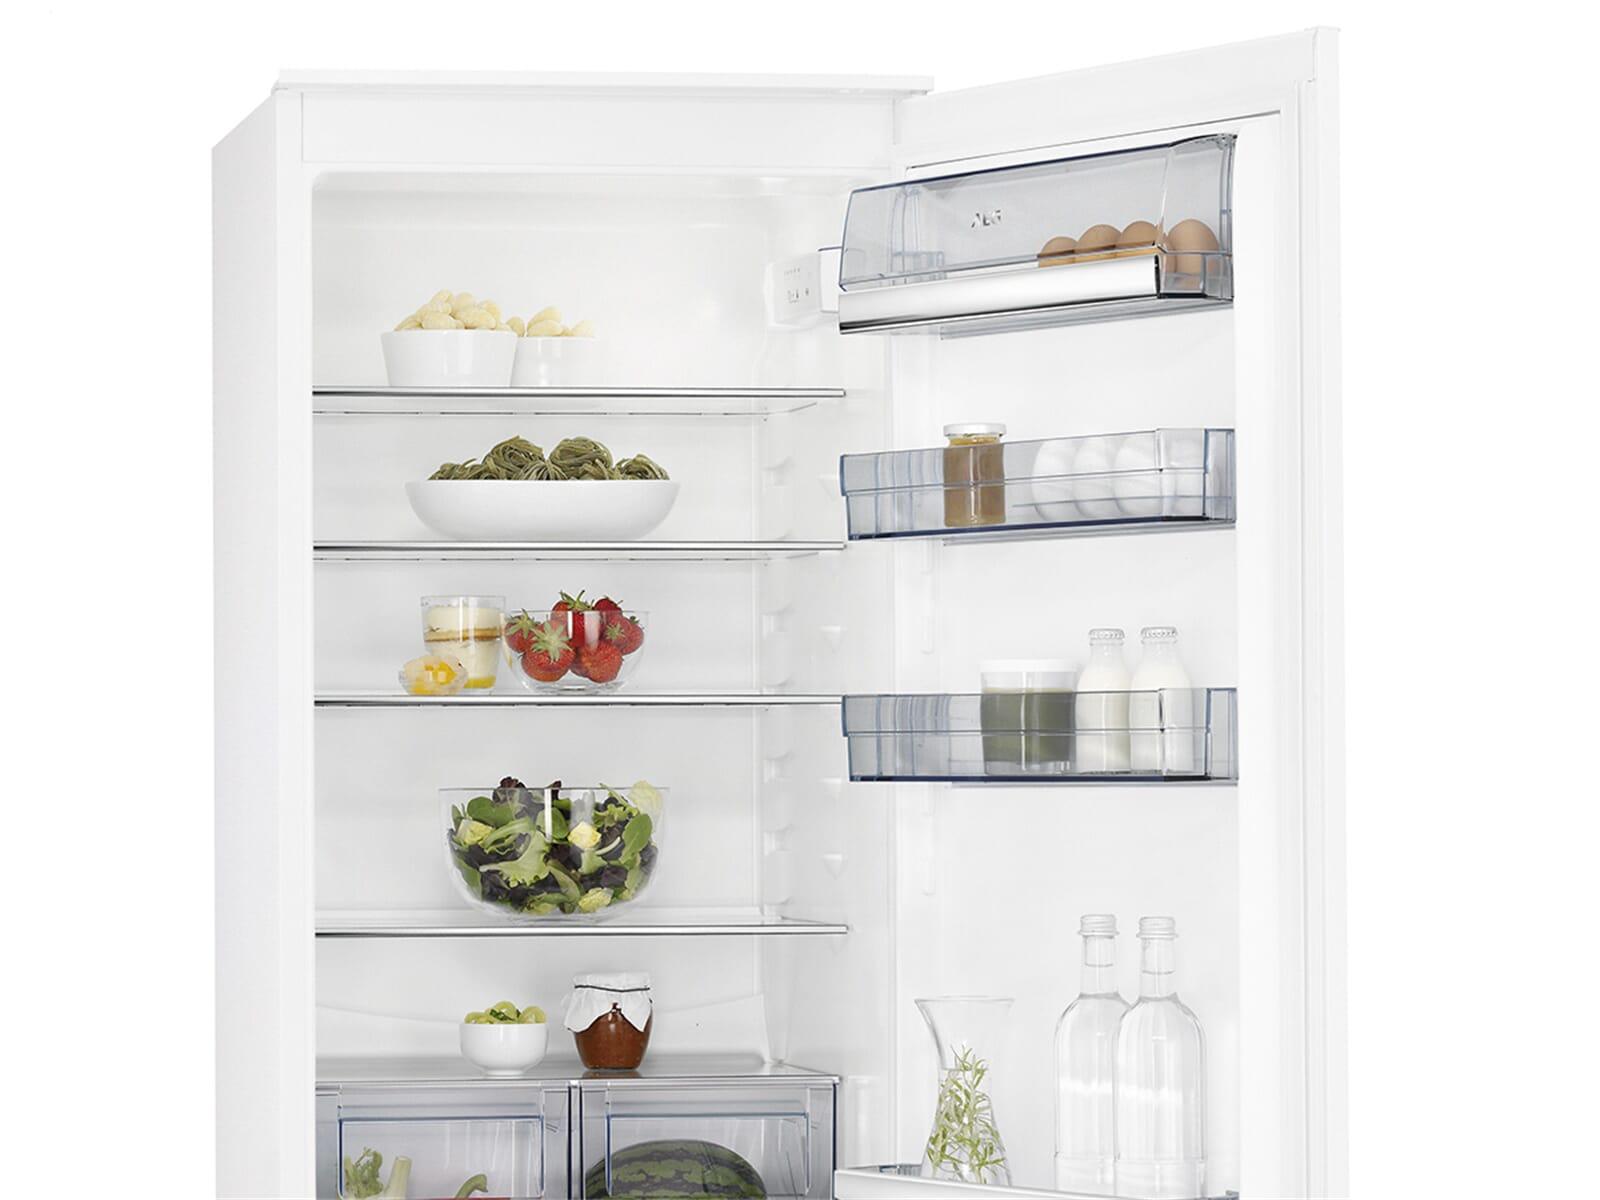 Aeg Kühlschrank Scharnier : Aeg scb ns einbau kühl gefrierkombination